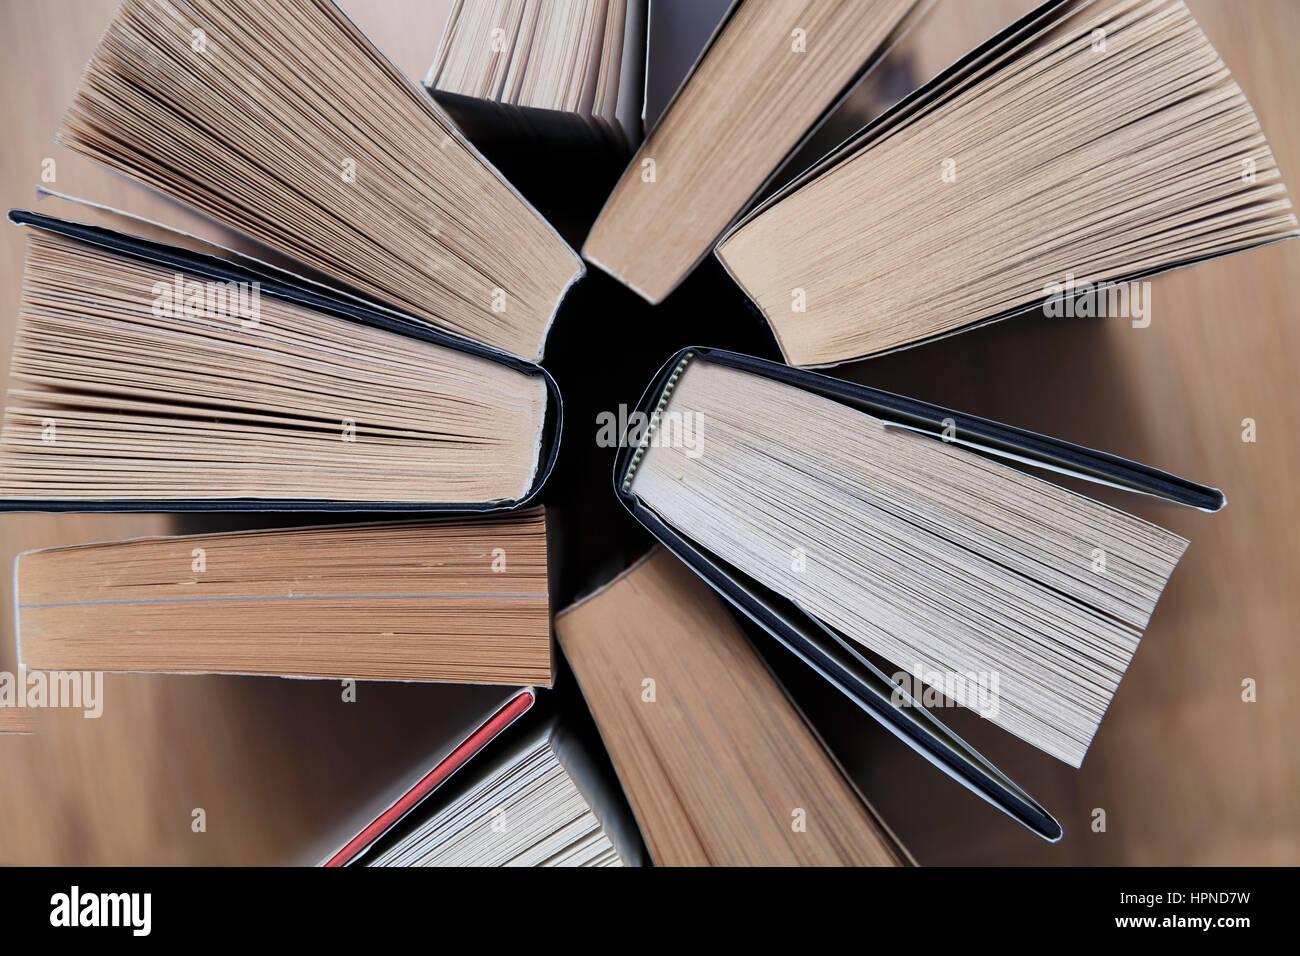 Resumen del libro el ángulo Imagen De Stock